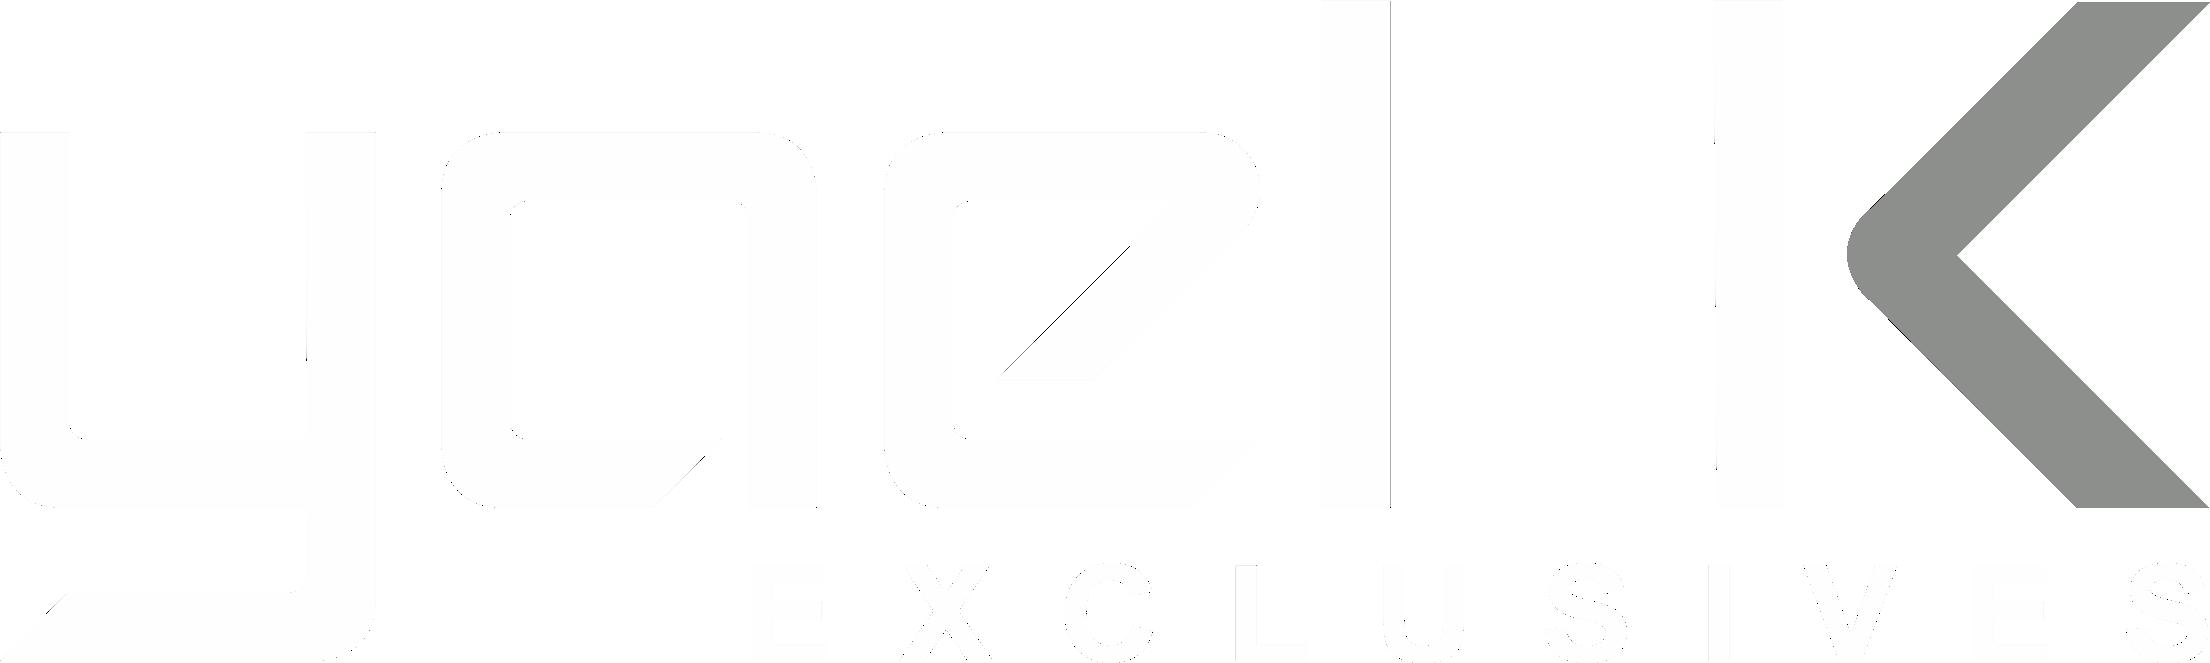 YAEL K Exclusives